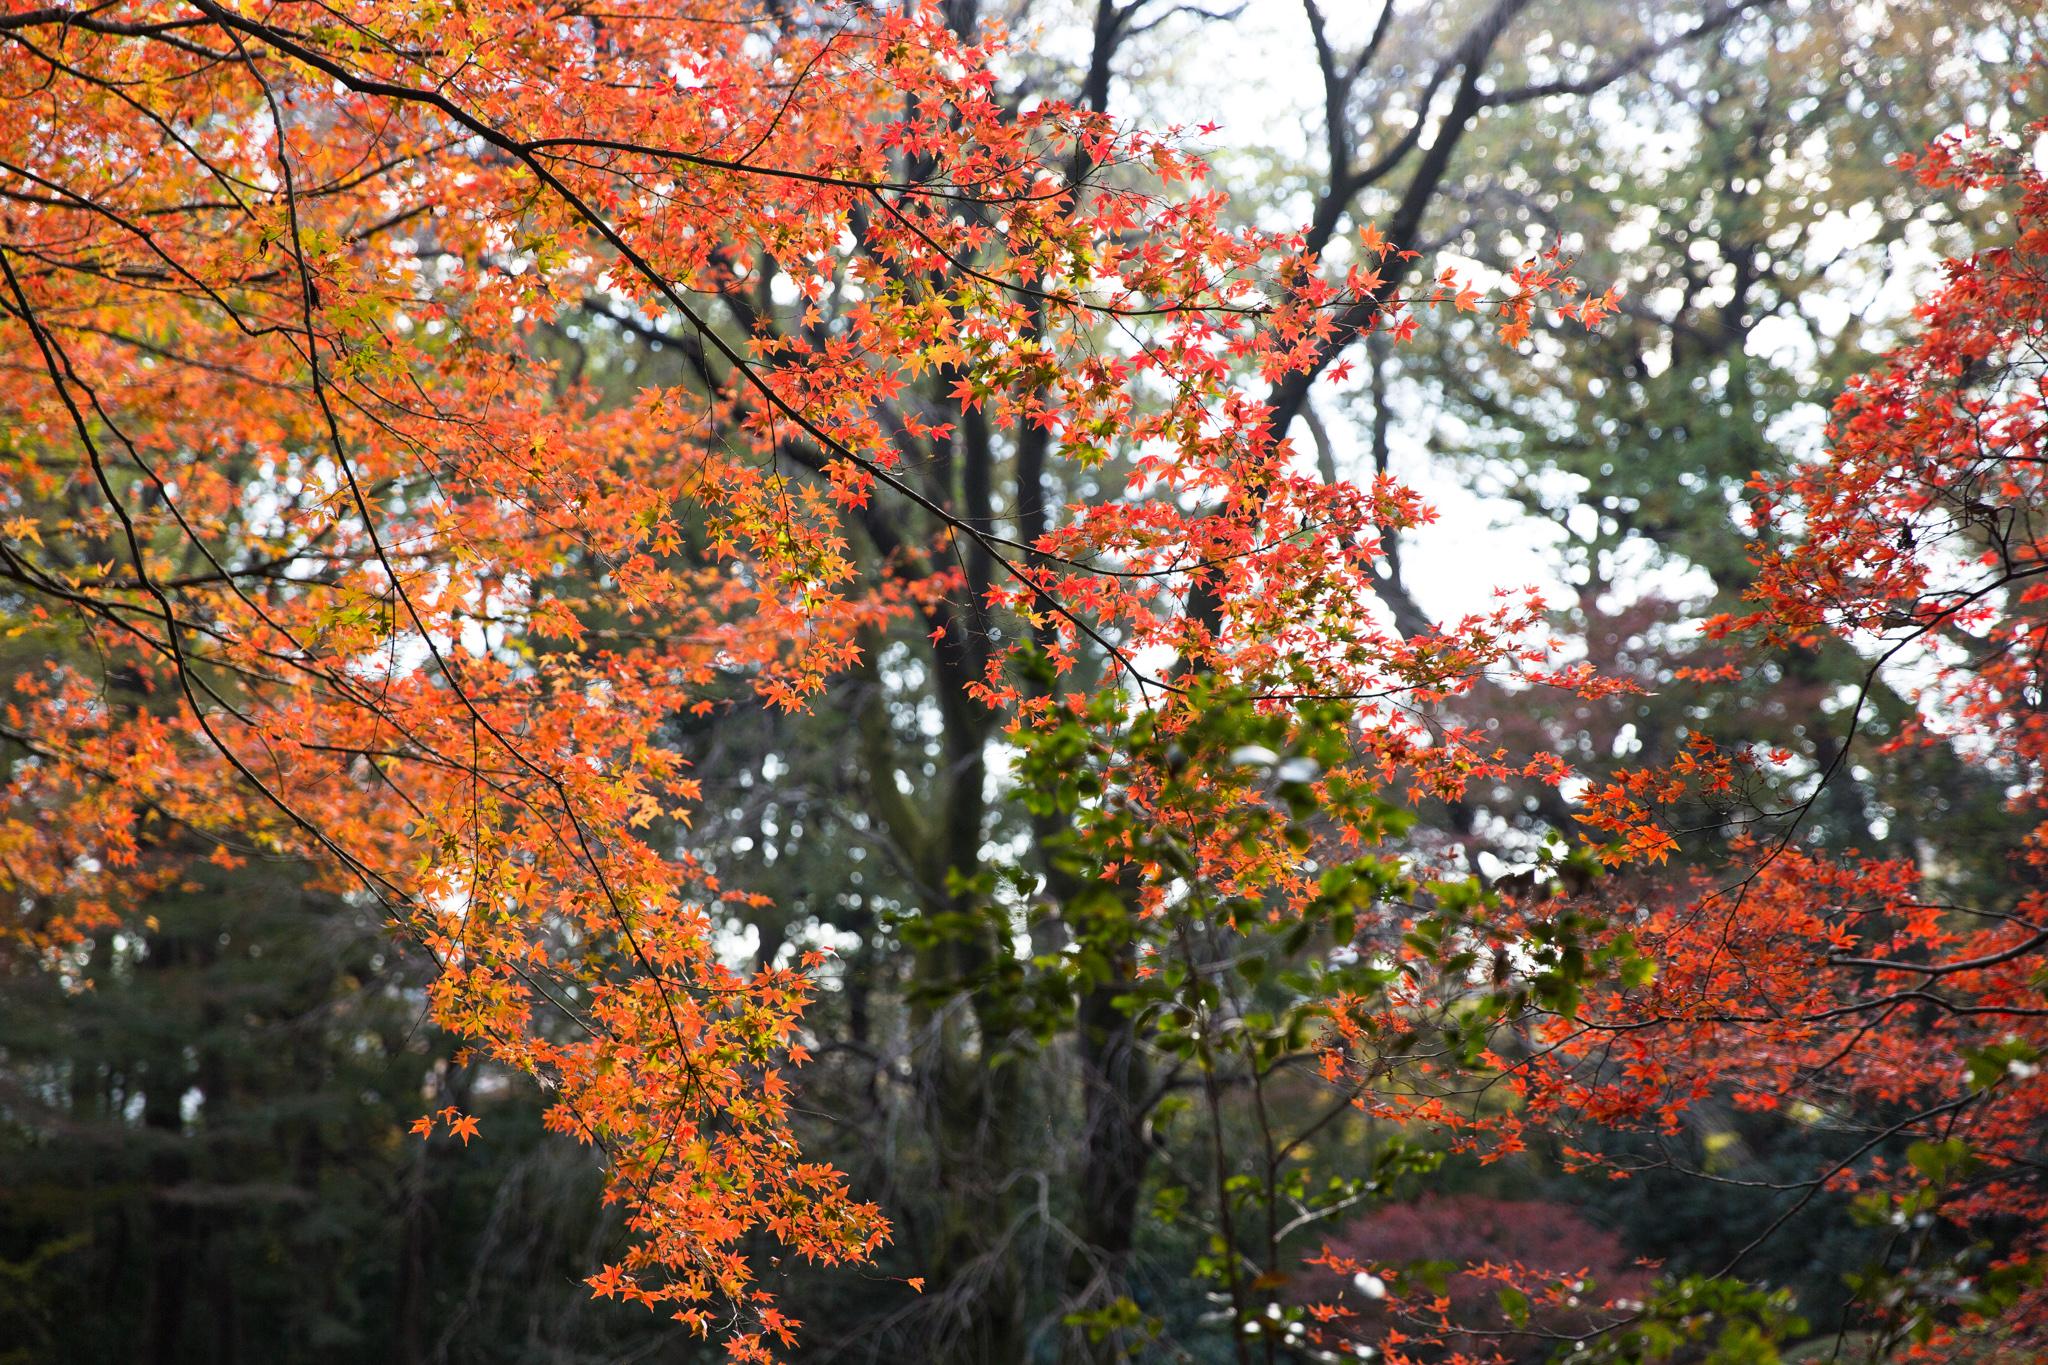 6042-japan-nature-beautiful-trees.jpg